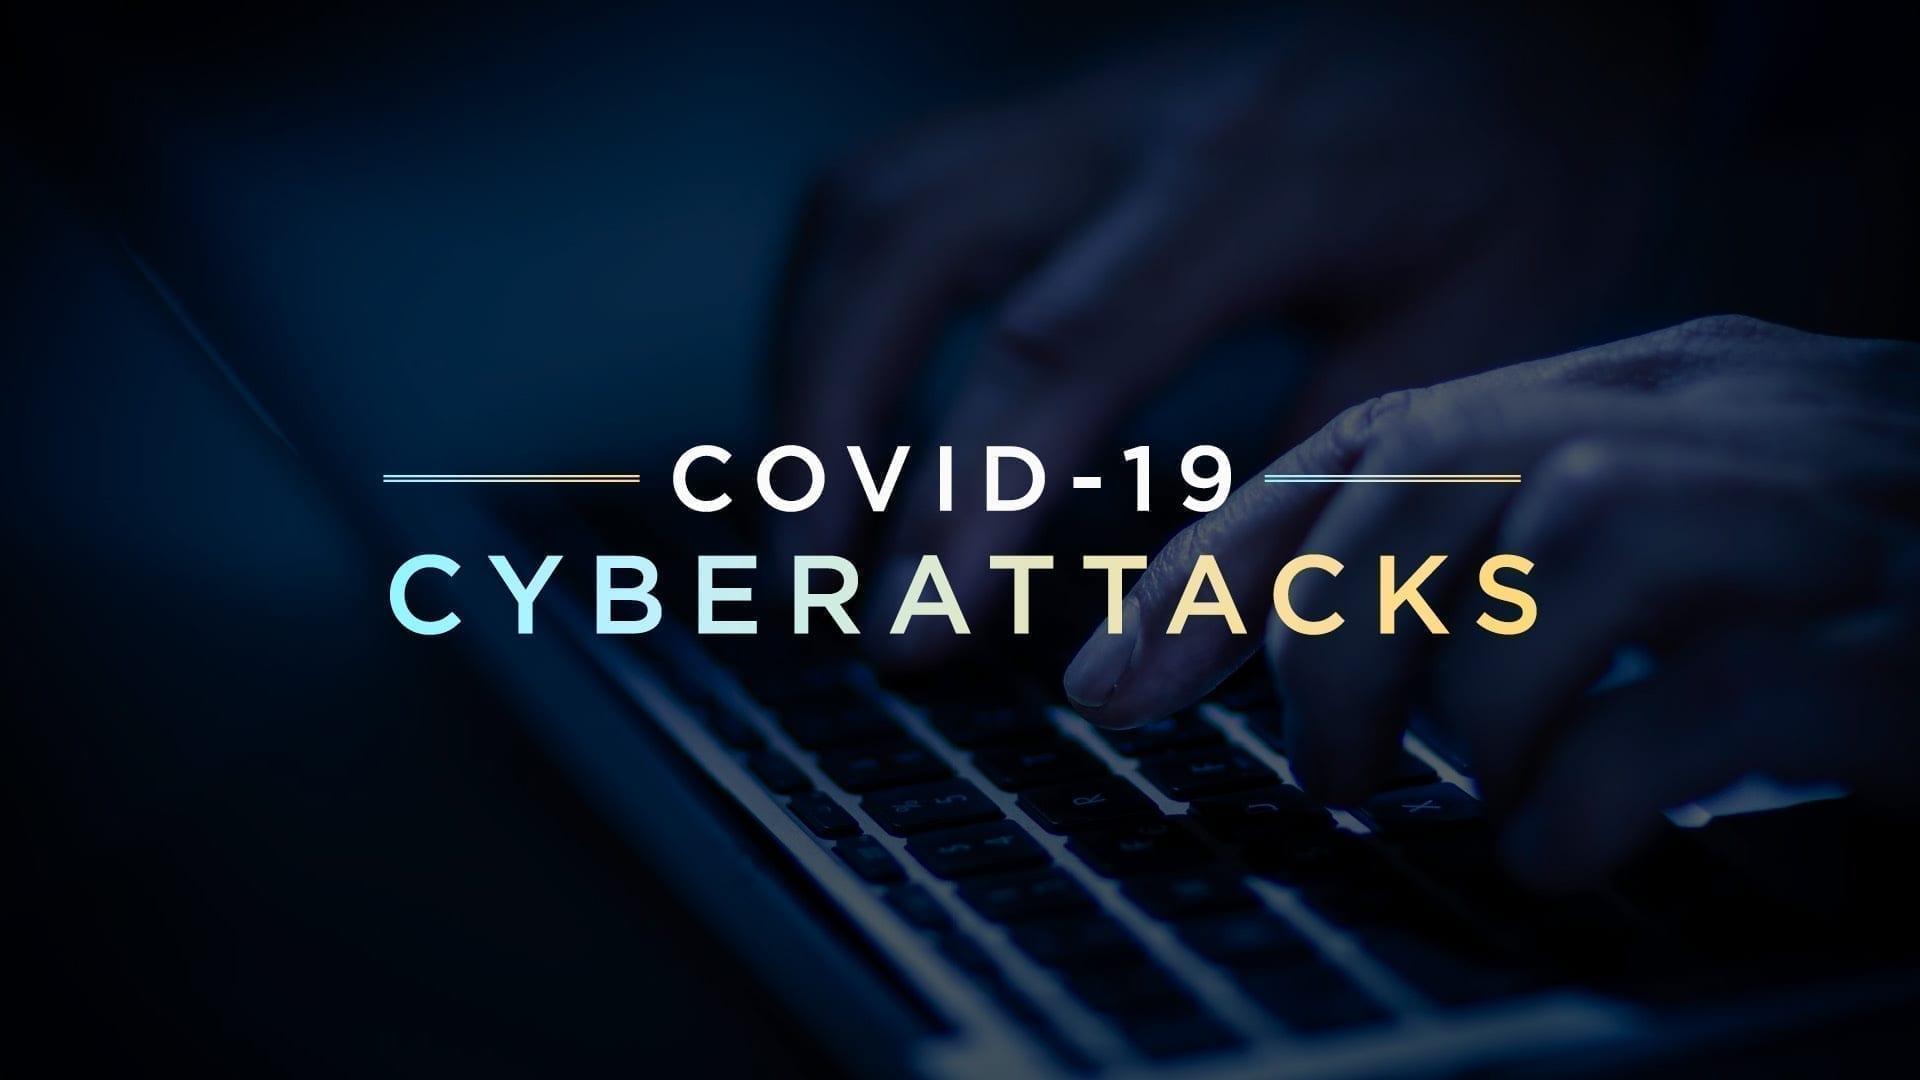 COVID-19 Cyberattacks